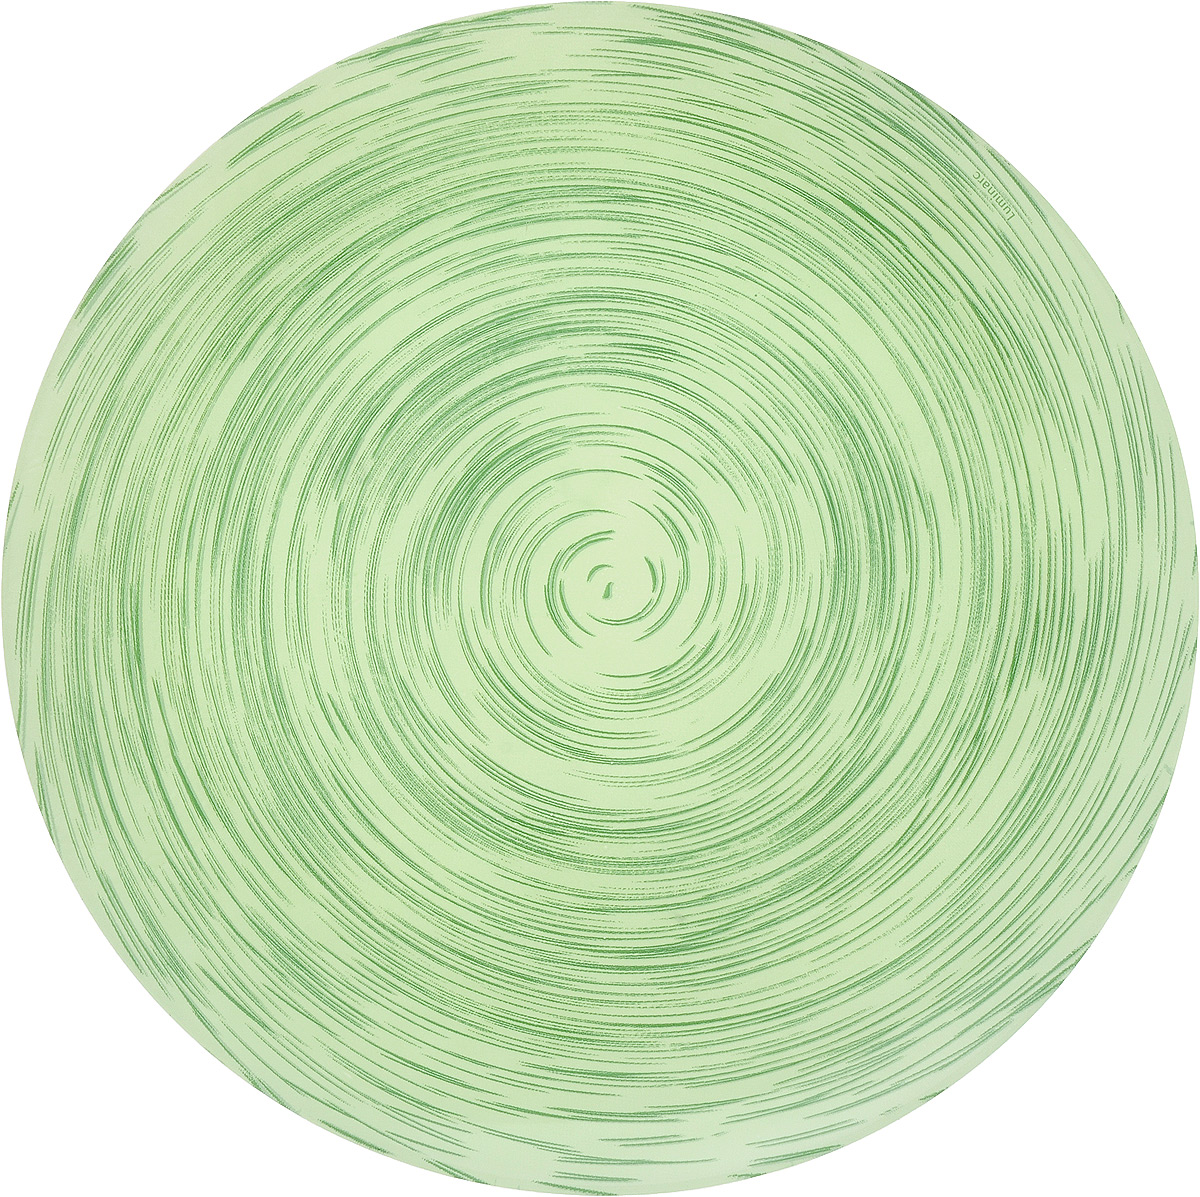 Тарелка обеденная Luminarc Stonemania Pistache, диаметр 25 см115510Обеденная тарелка Luminarc Stonemania Pistache, изготовленная из высококачественного стекла, имеет изысканный внешний вид. Такая тарелка прекрасно подходит как для торжественных случаев, так и для повседневного использования. Идеальна для подачи десертов, пирожных, тортов и многого другого. Она прекрасно оформит стол и станет отличным дополнением к вашей коллекции кухонной посуды. Можно мыть в посудомоечной машине.